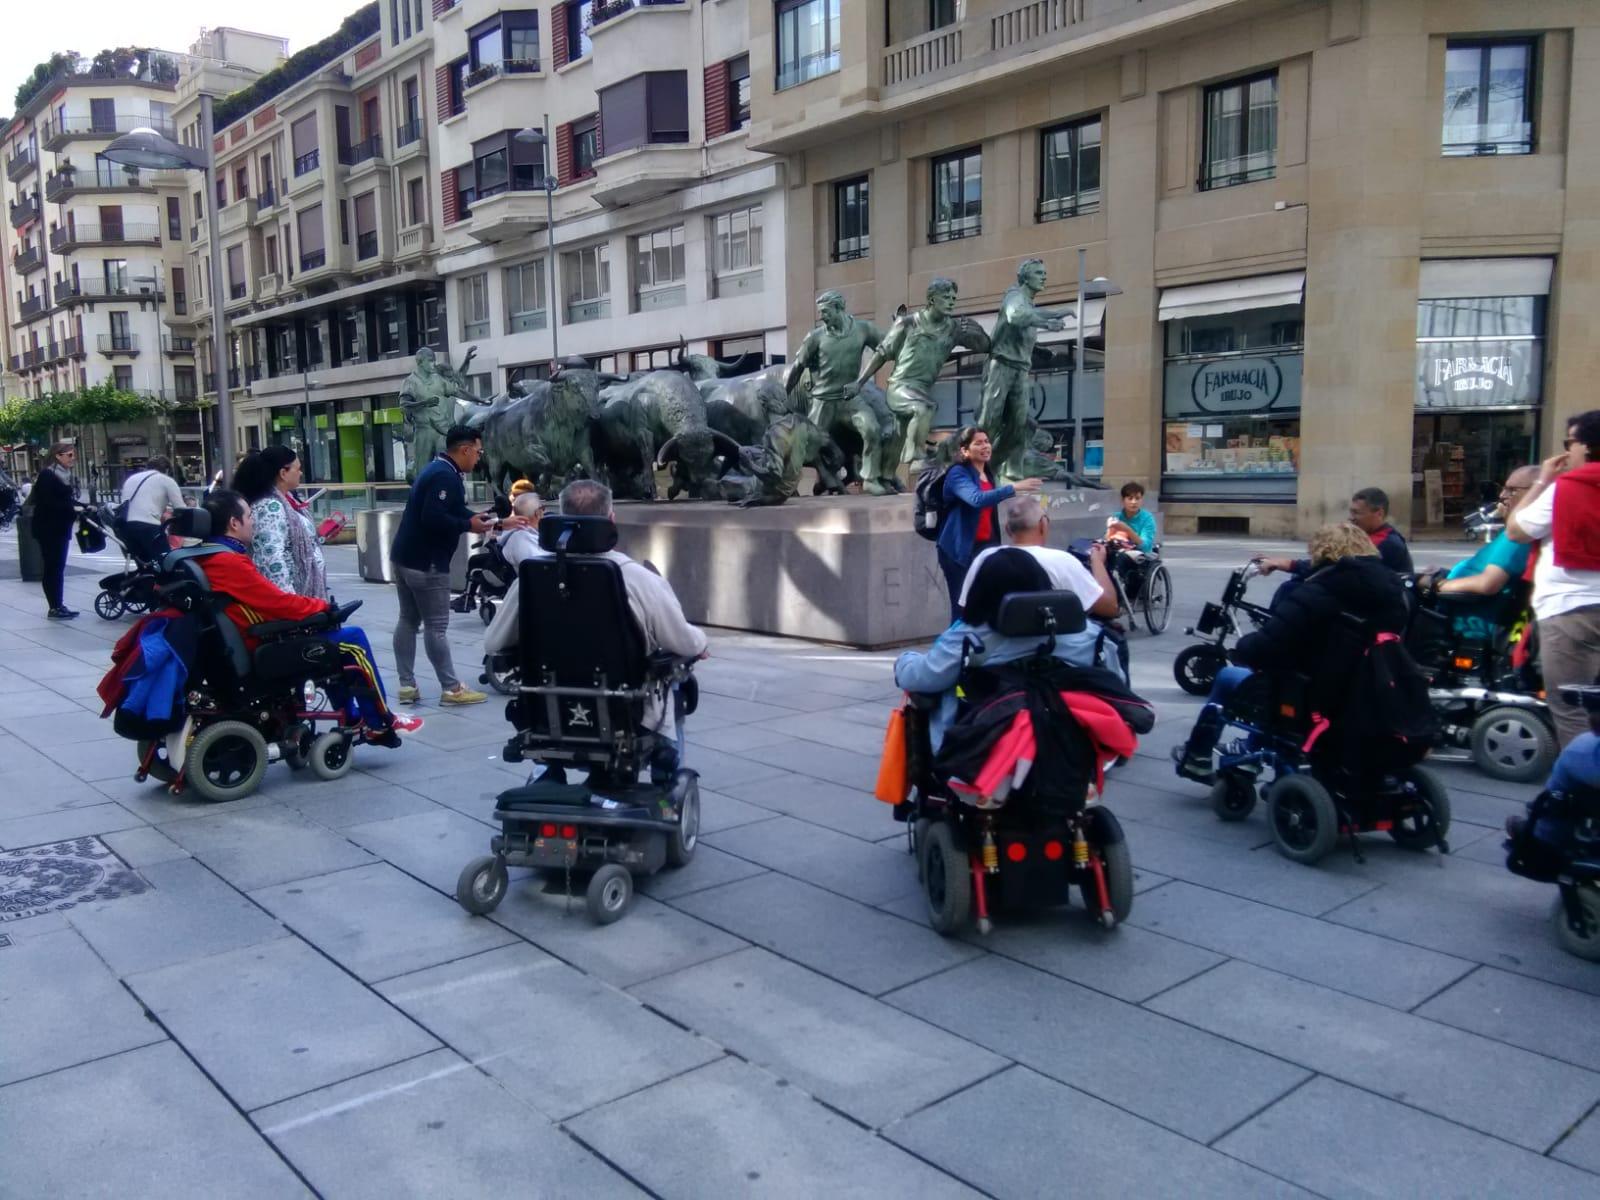 Visita accesible a Pamplona. Grupo de personas en silla de ruedas observando el Monumento al Encierro.